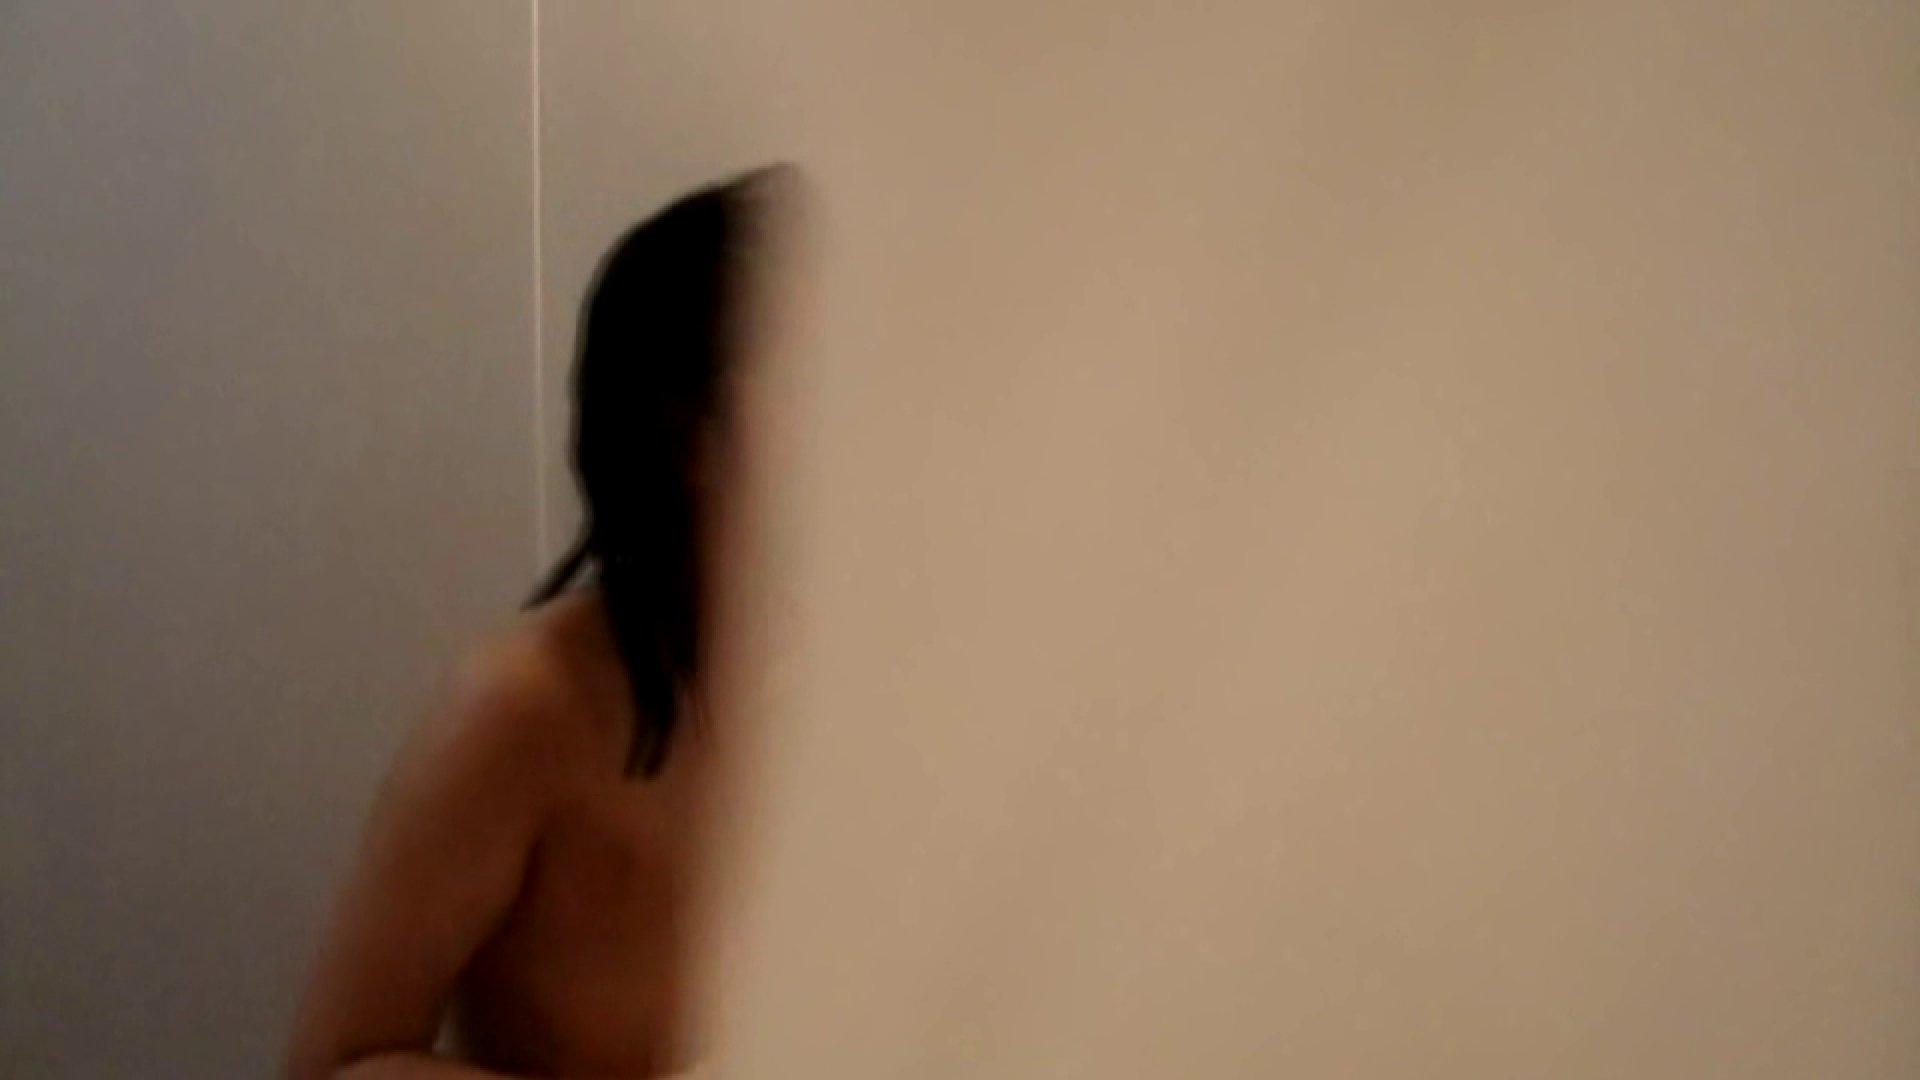 vol.2 葵のグラドル顔負けの爆乳を入浴シーンでどうぞ。 むっちり ぱこり動画紹介 111画像 20